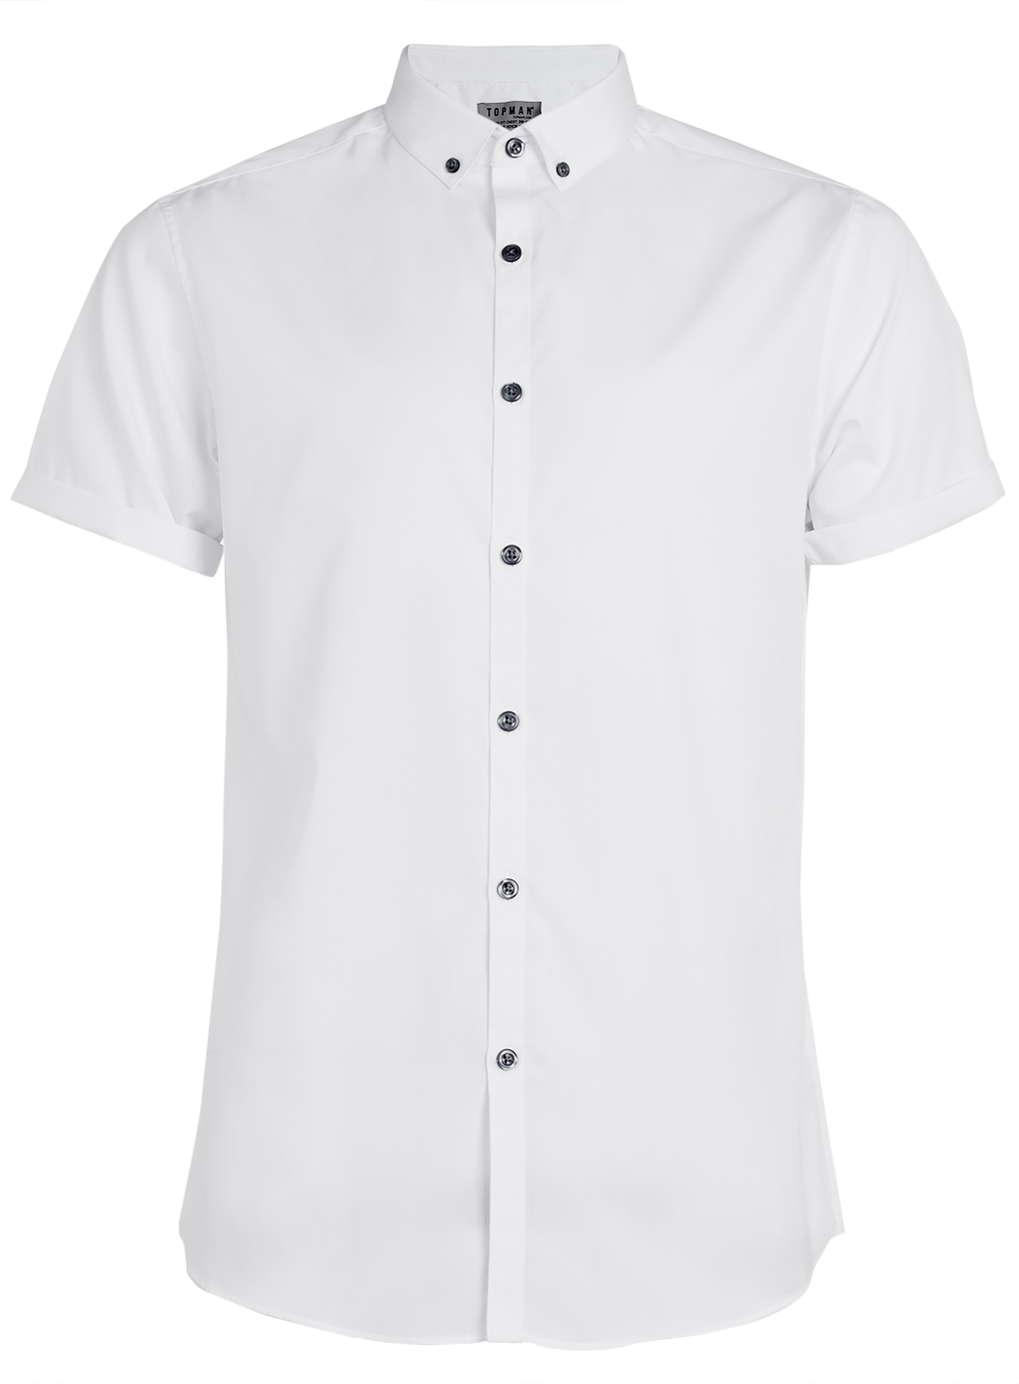 topman white short sleeve button down smart shirt in white ForWhite Short Sleeve Button Down Shirts For Men